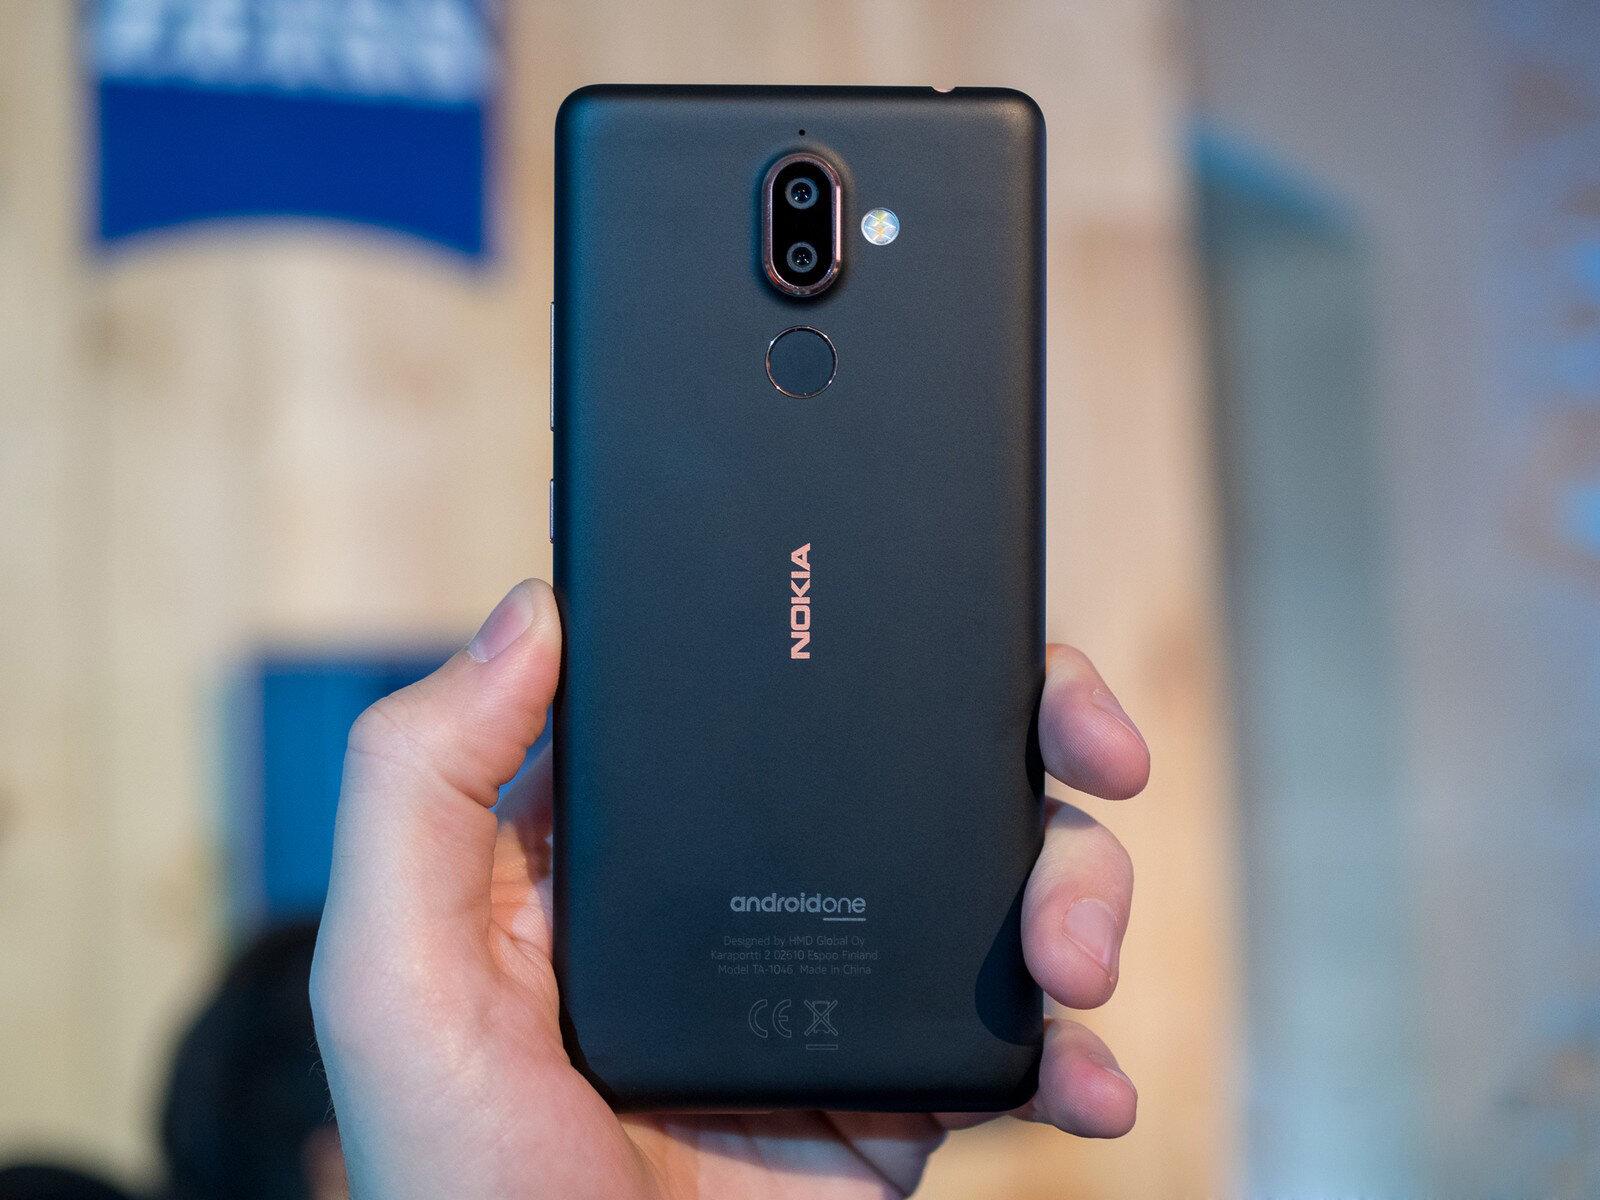 Các dòng sản phẩm thuộc thương hiệu Nokia vẫn luôn được đánh giá rất cao về pin khi sử dụng